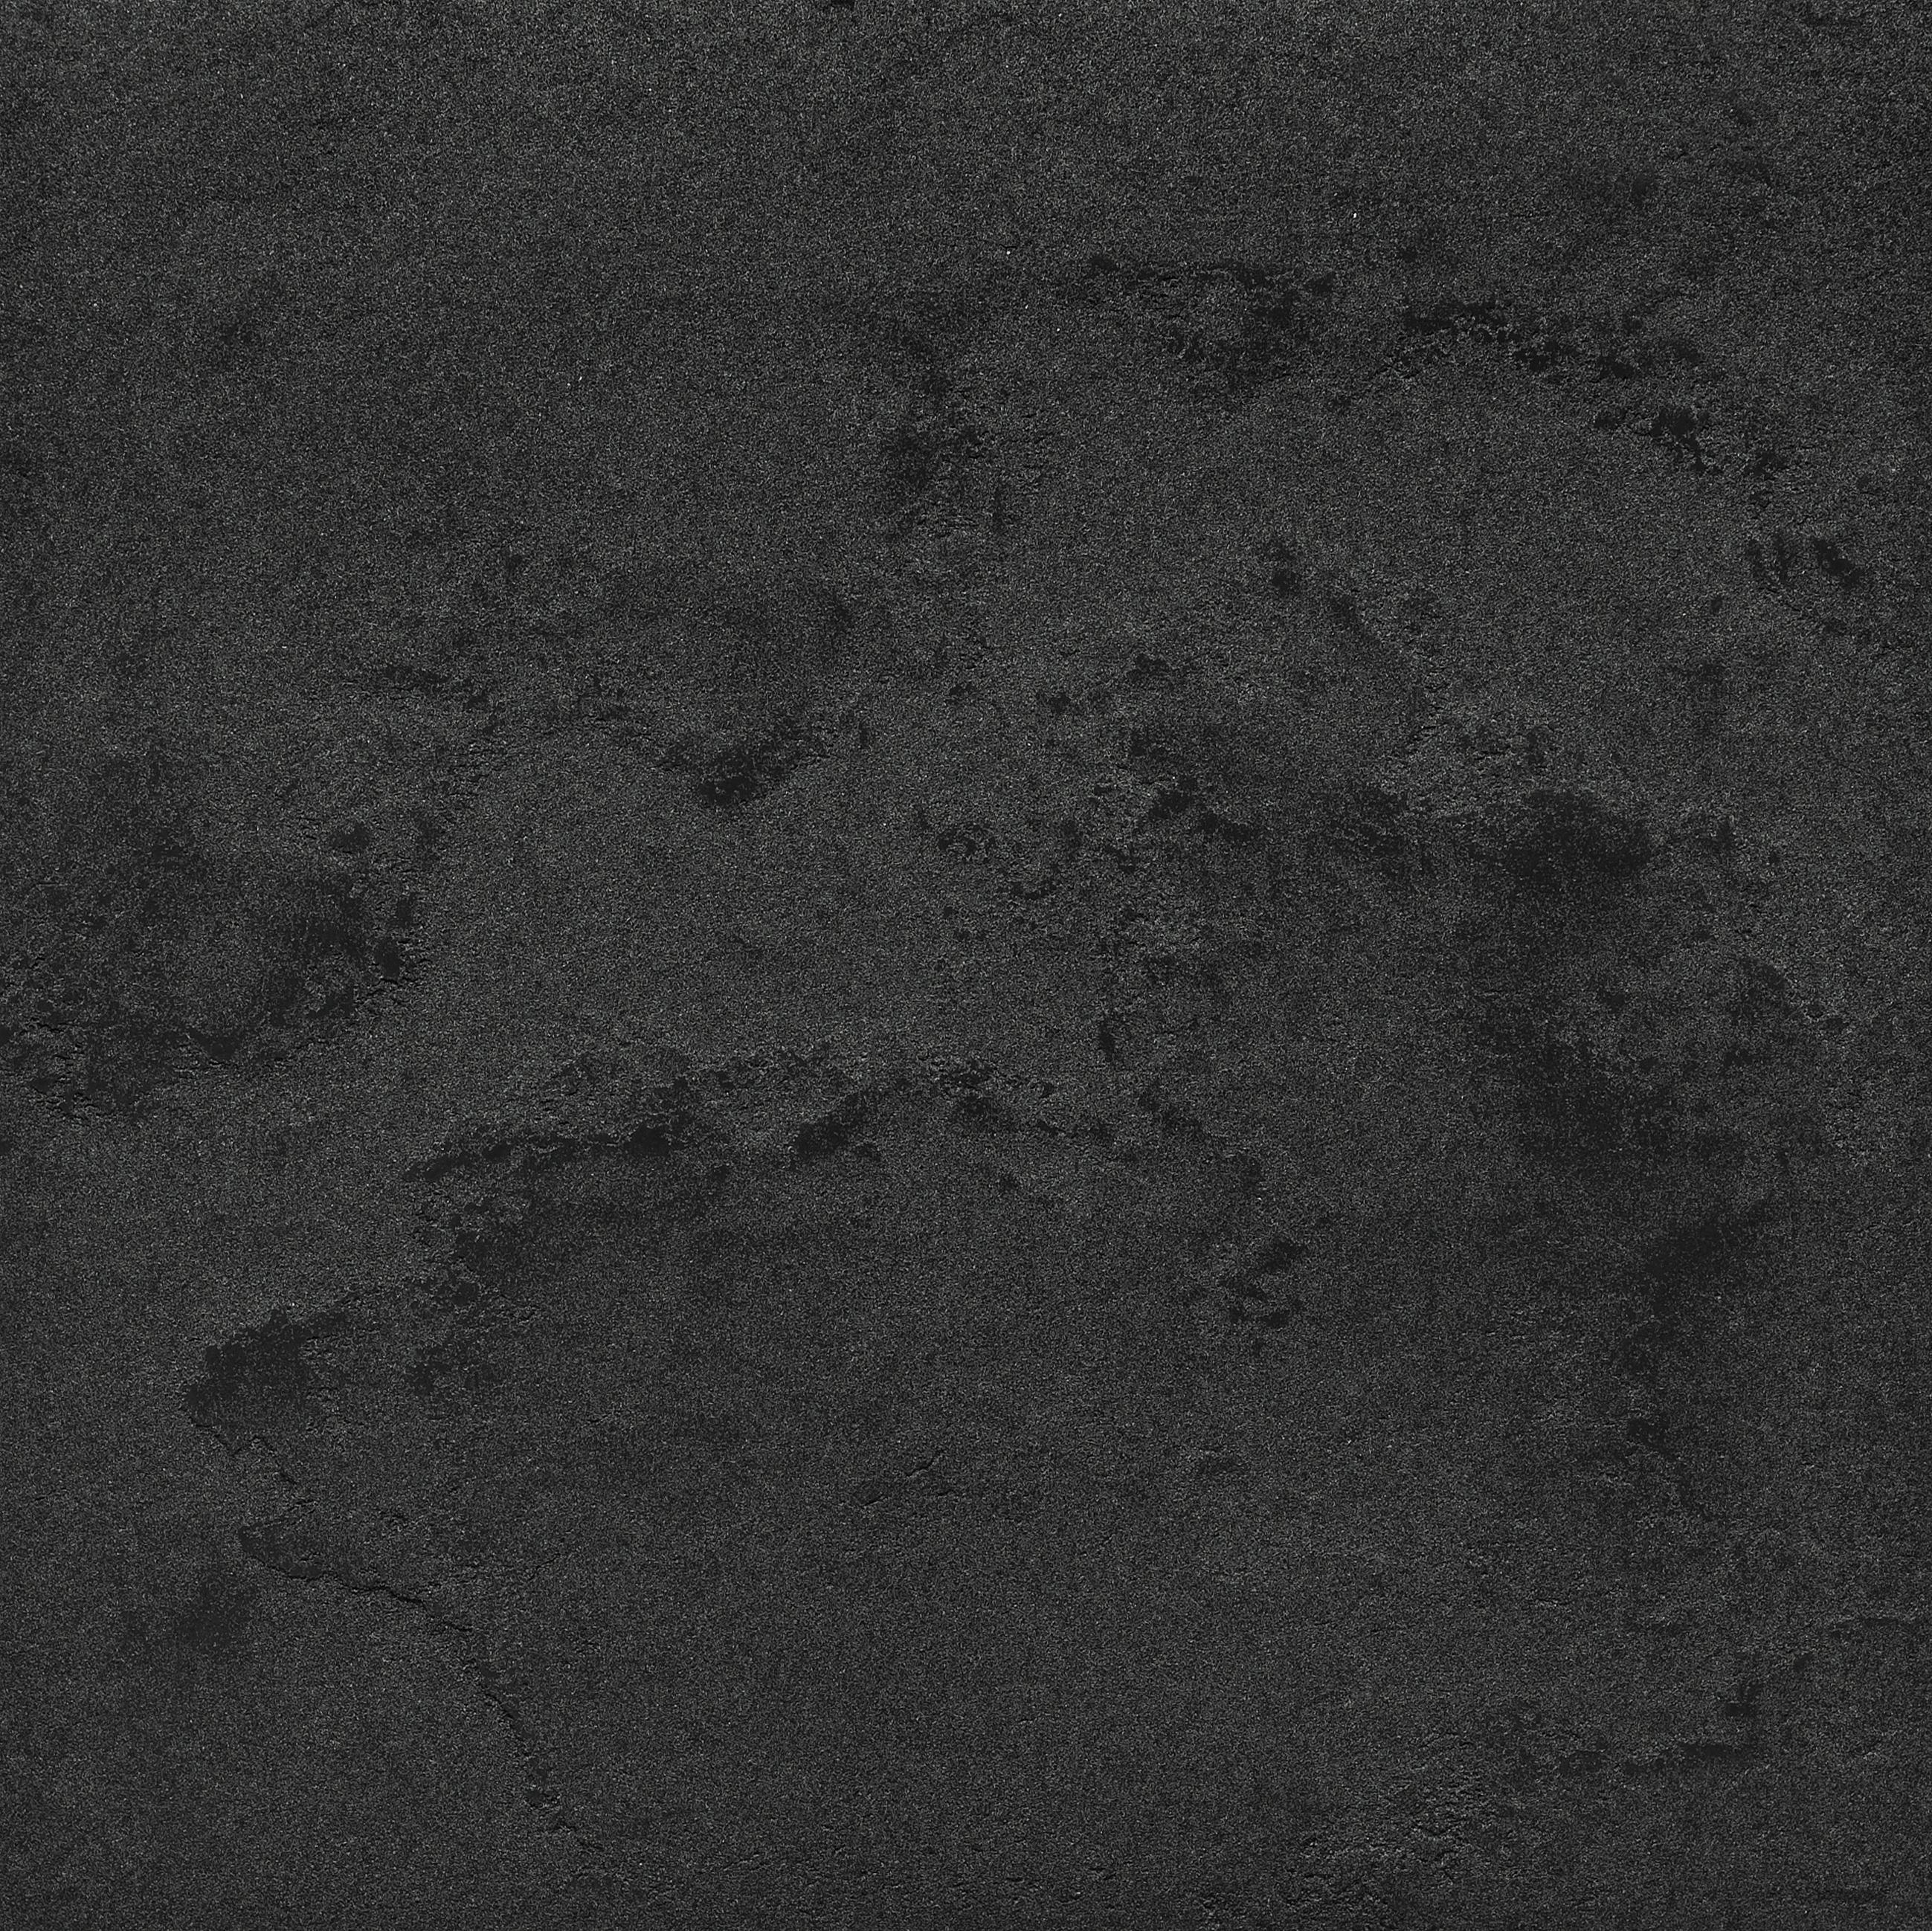 La fabbrica pietra lavica gryphea piastrelle ceramica la fabbrica architonic - Piastrelle pietra lavica ...